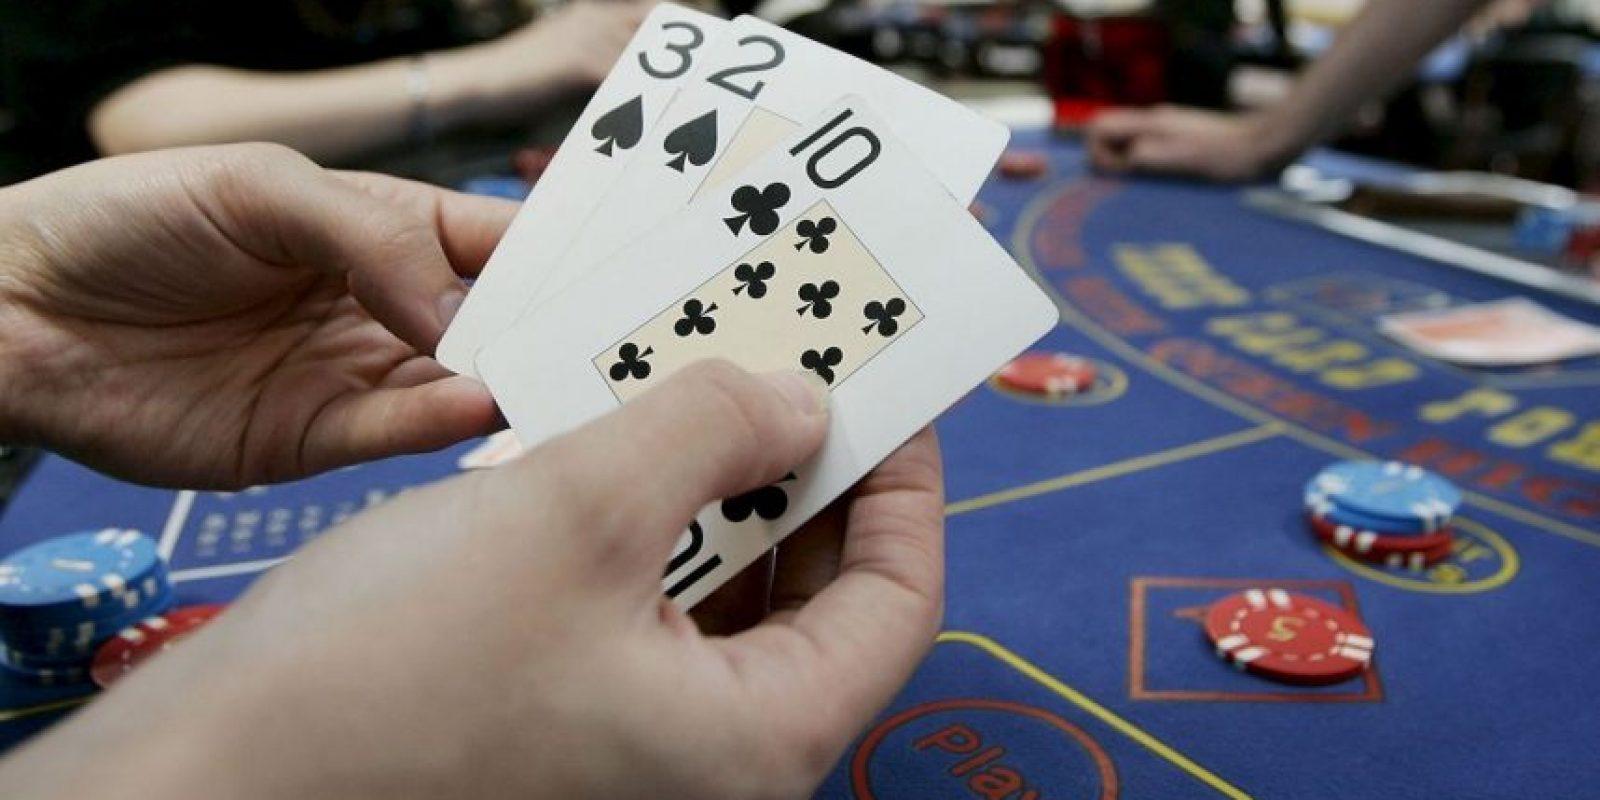 Empleados del Pentágono utilizan sus tarjetas de crédito del gobierno para jugar. Foto:Getty Images